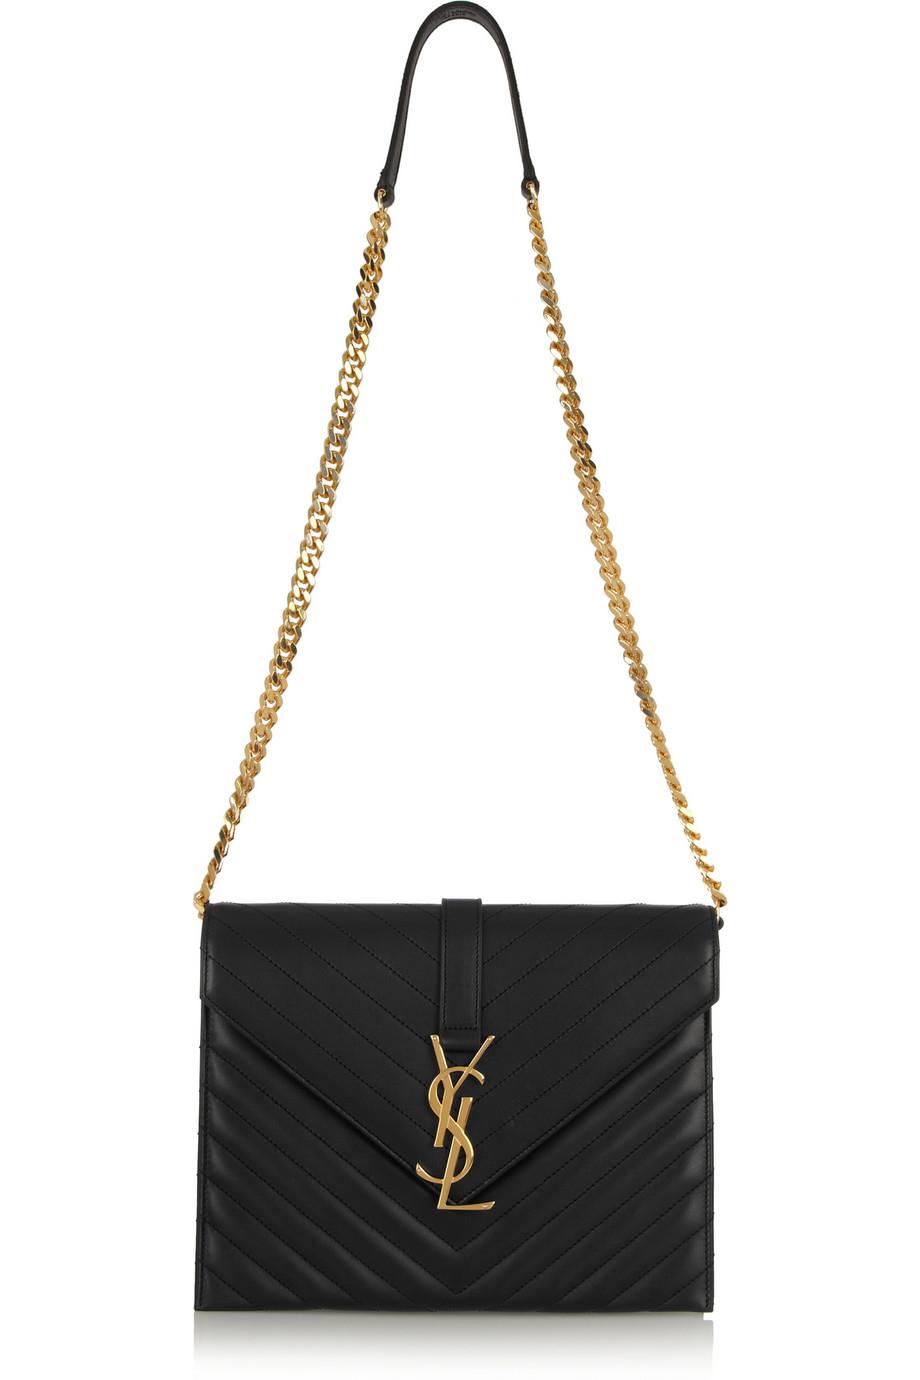 8e48a53ca905 Saint Laurent Bag Japan. Authentic Yves Saint Laurent black crocodile  embossed leather ...